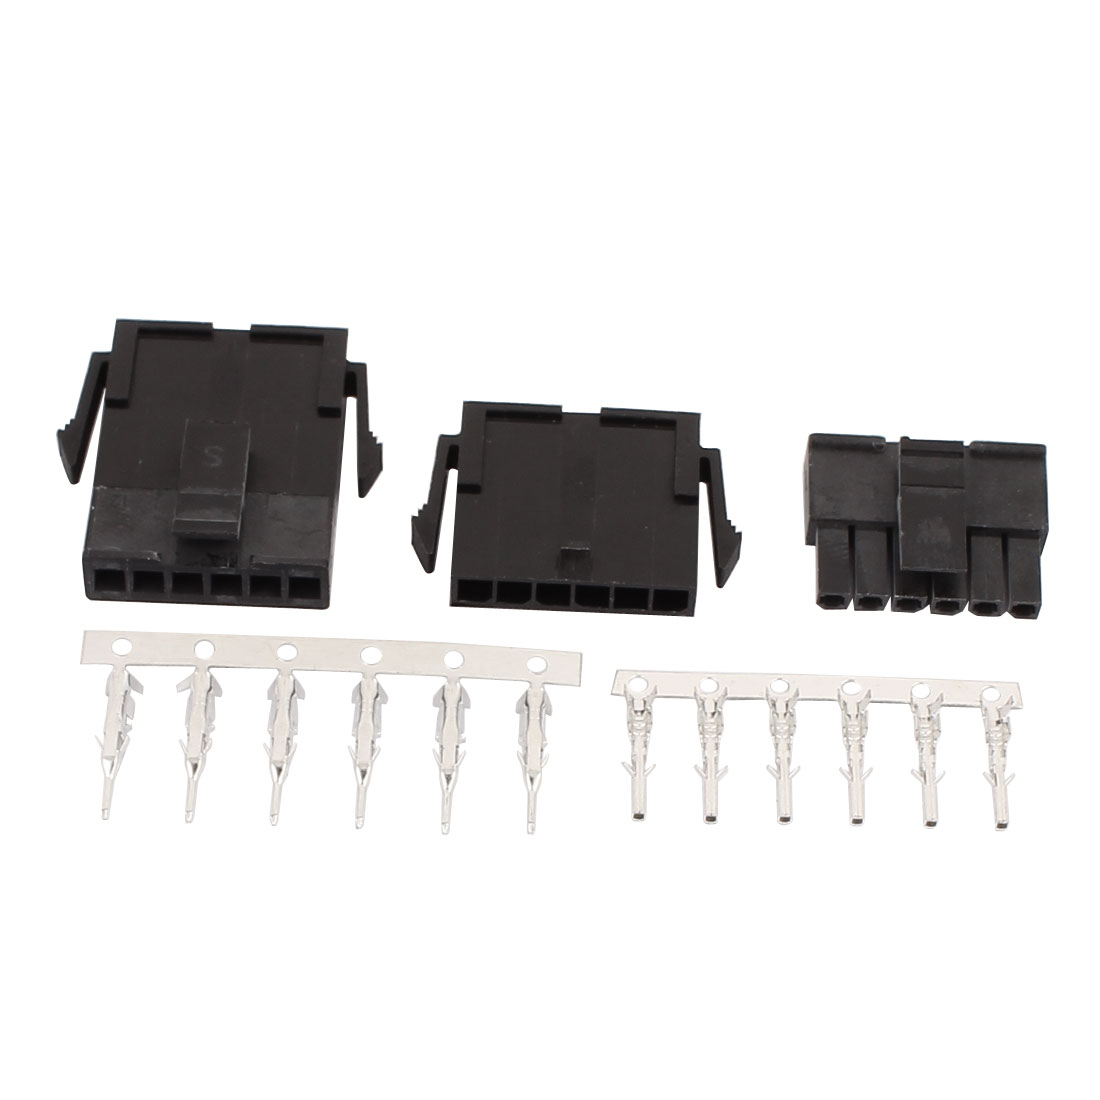 20 Paires 6 Broche Plastique Noir male + Femelle 3.0mm Pitch 6 Broche Connecteur Terminal - image 1 de 2